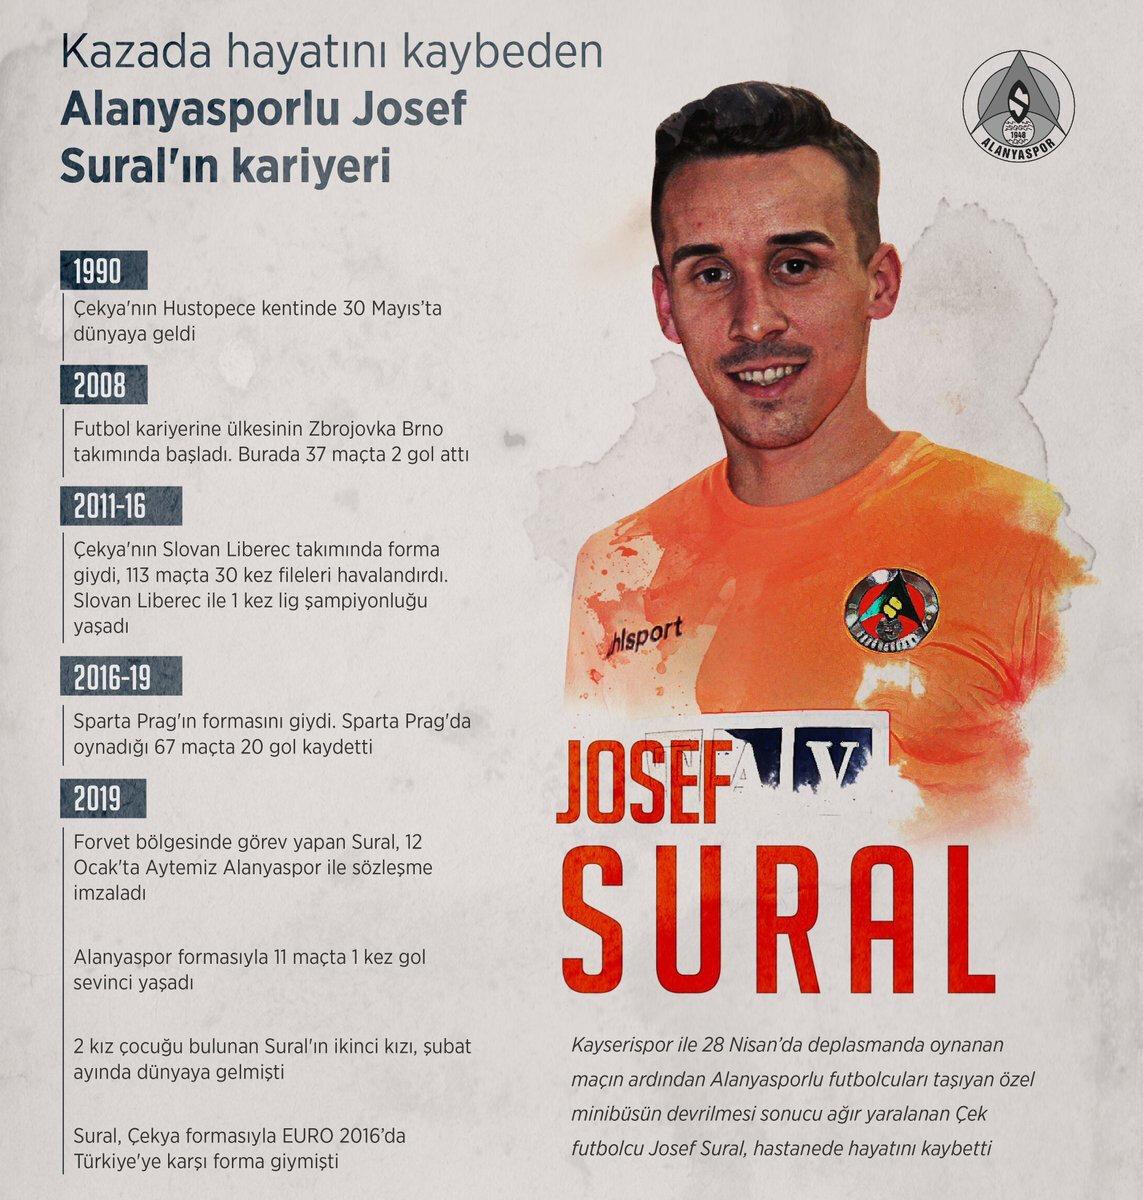 Kayserispor ile deplasmanda oynanan maçın ardından Aytemiz Alanyasporlu futbolcuları taşıyan özel minibüsün devrilmesi sonucu ağır yaralanan ve hastanede hayatını kaybeden Çek futbolcu Josef Sural, kariyerinde 4 takımda forma giydi.